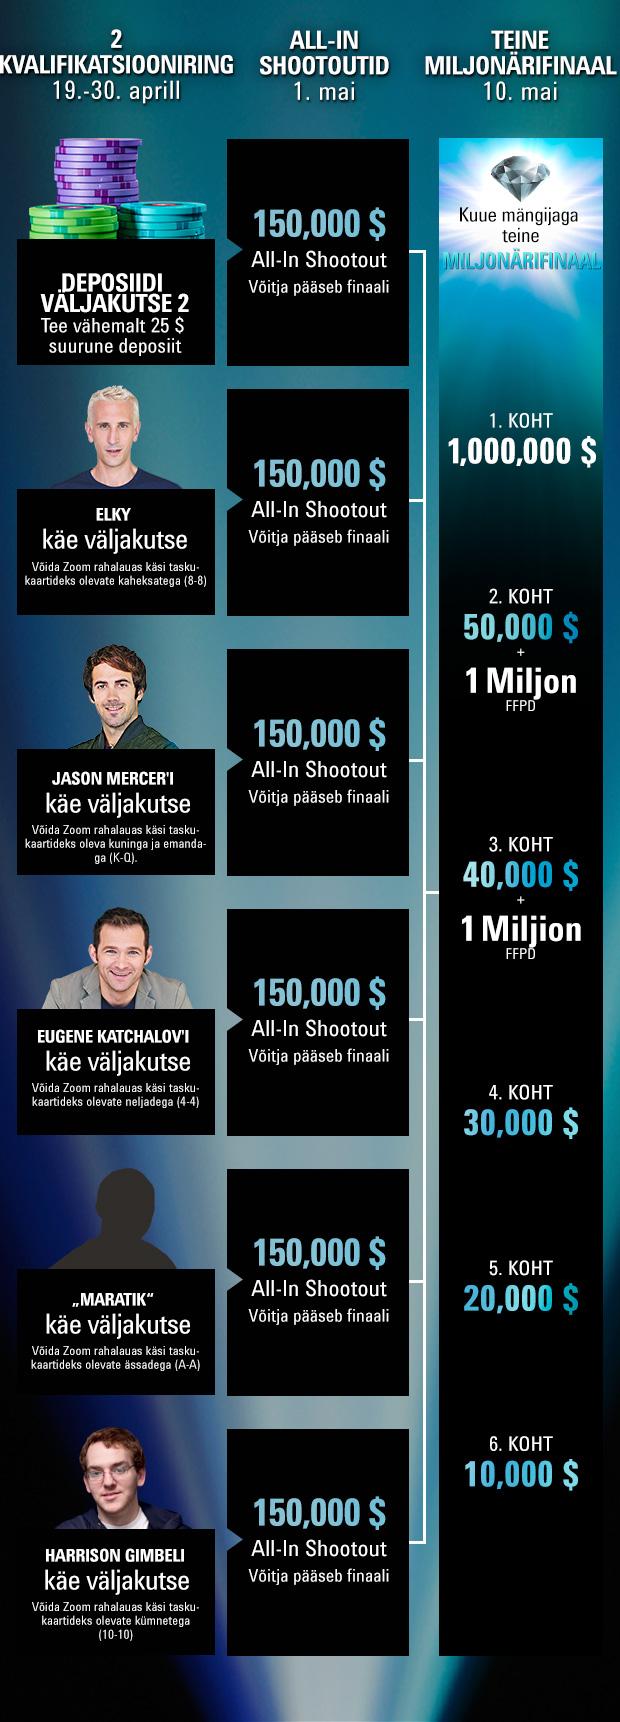 PokerStars miljonärikuu 2. voor toimub 19. aprill - 1. mai 101